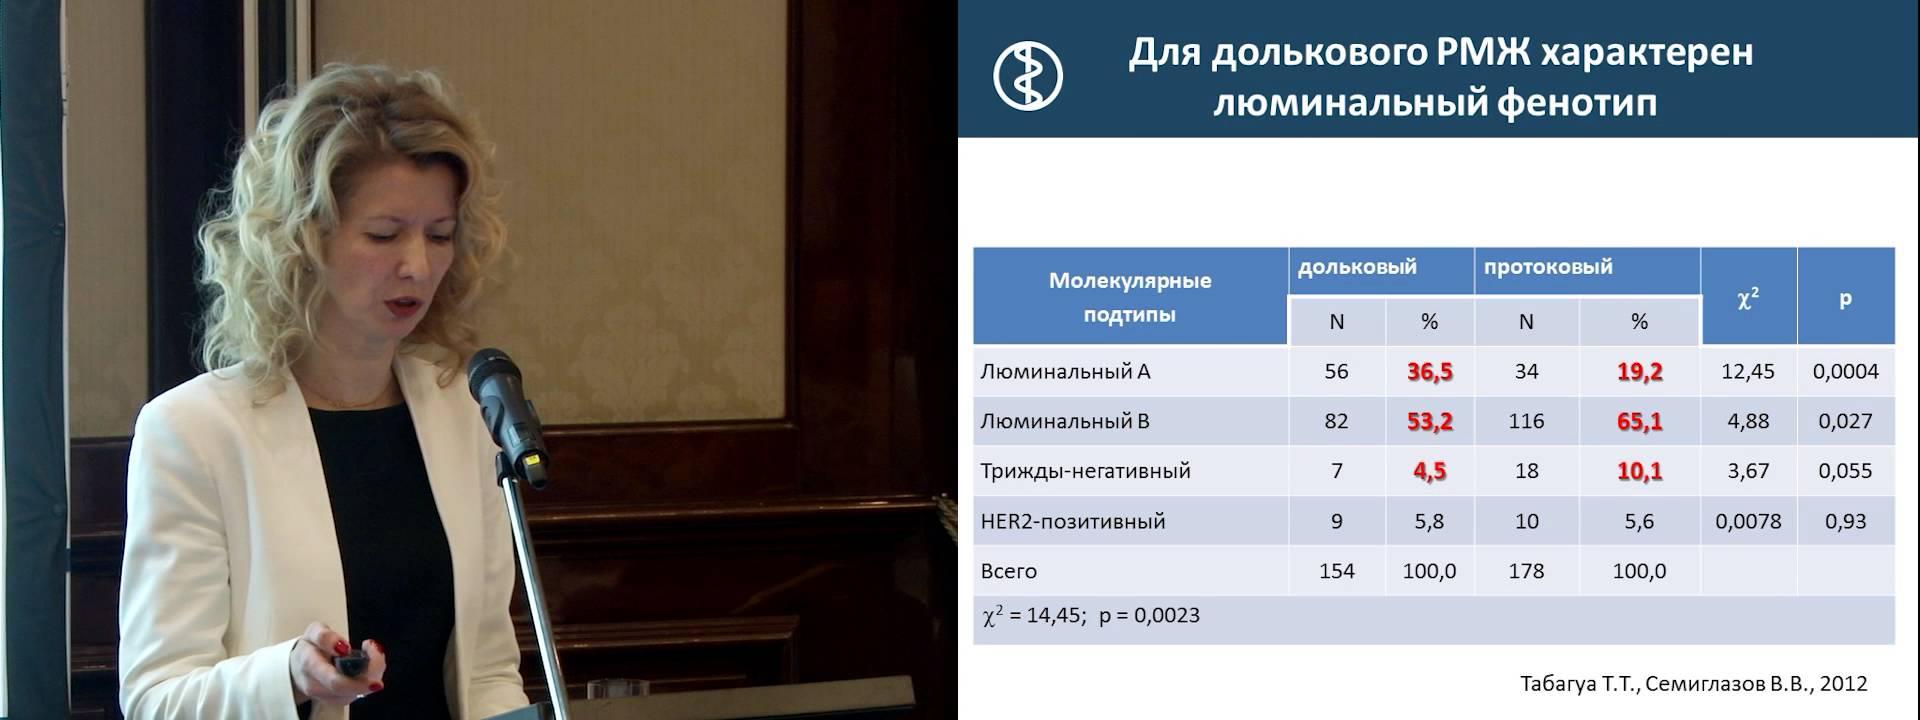 фото с конференции сравнительная таблица показателей люминального рака молочной железы долькового и протокового А и В типа